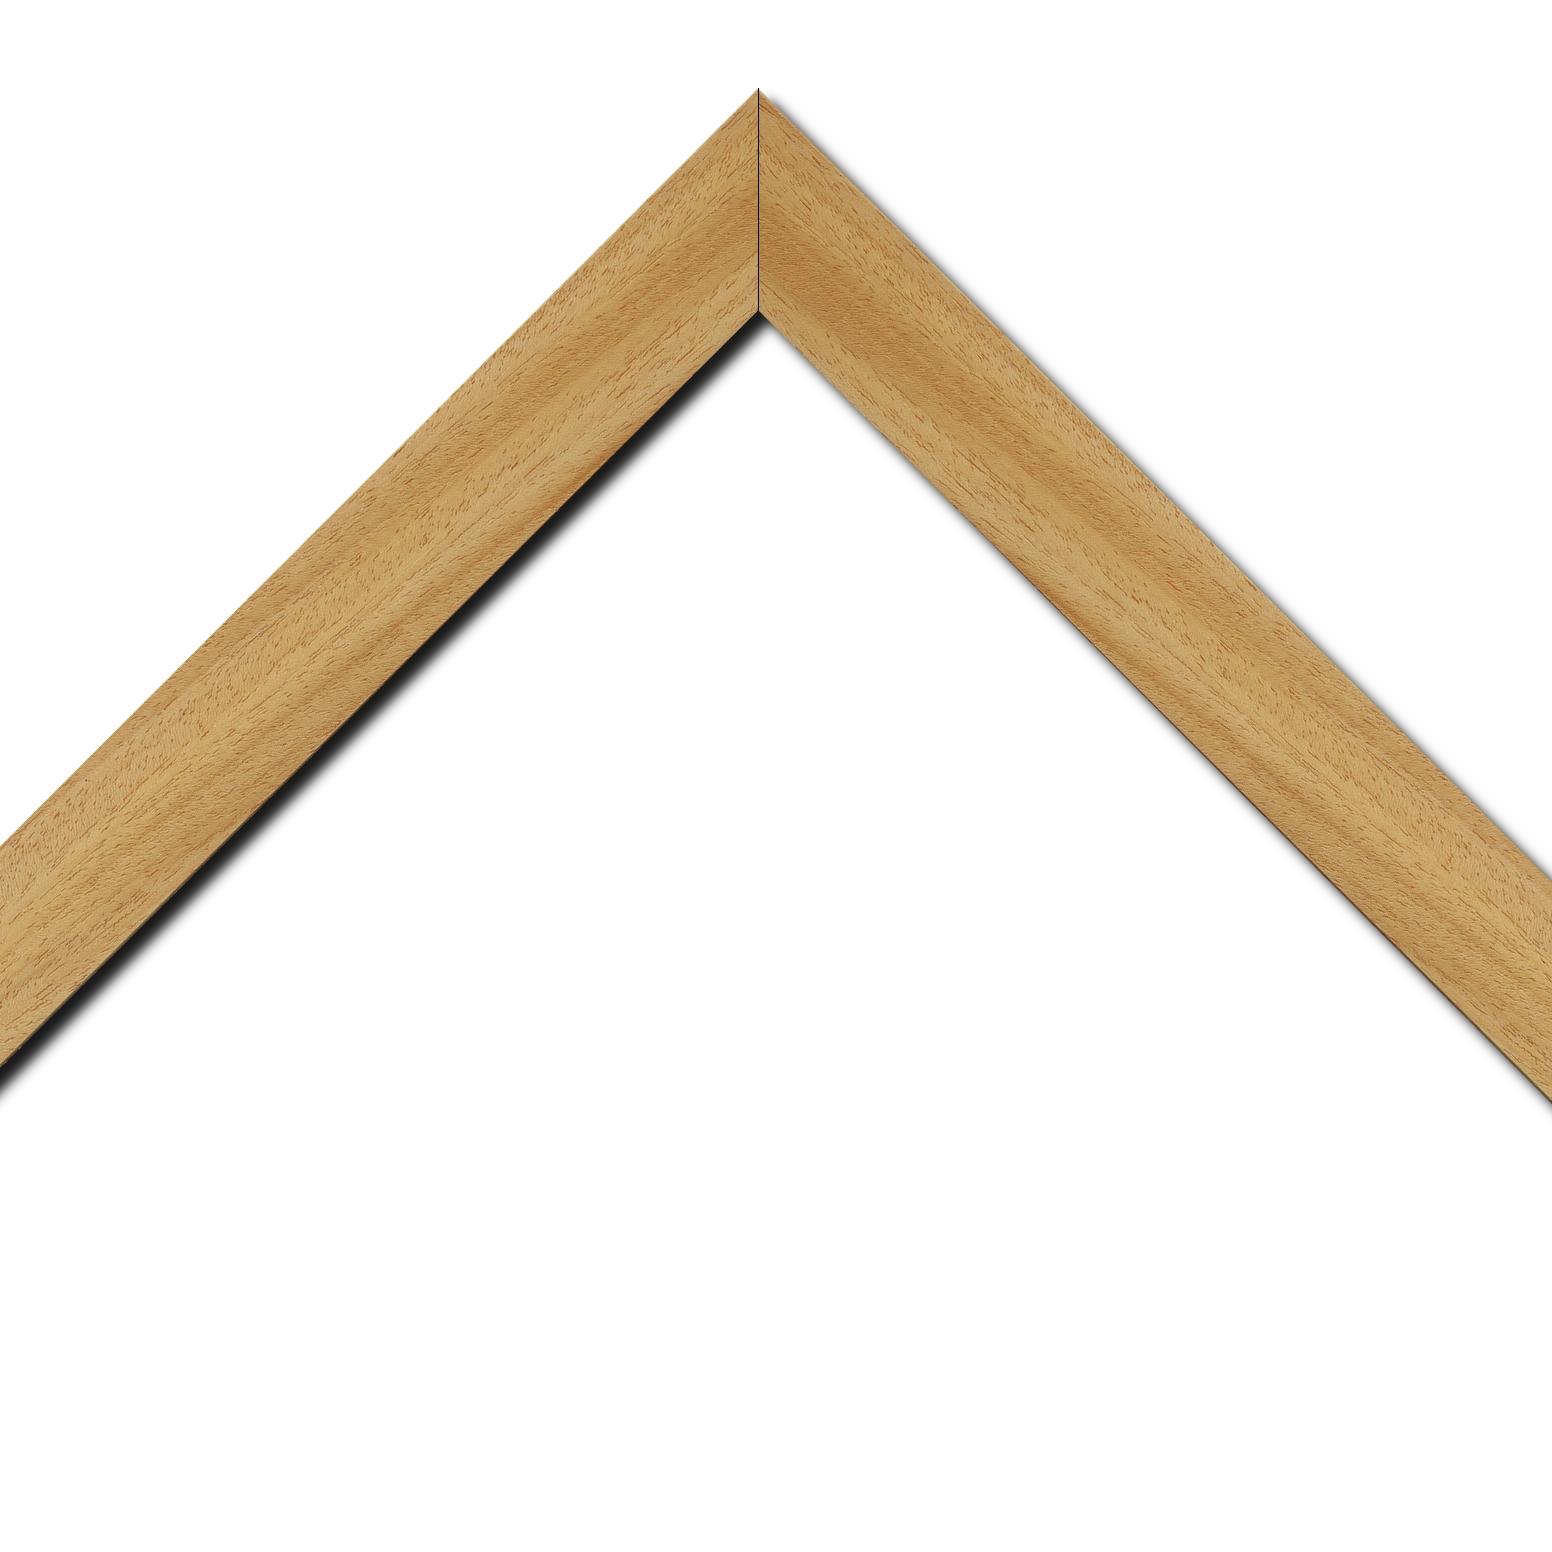 Baguette bois profil plat largeur 3.8cm ayous massif naturel (sans vernis,peut être peint...)